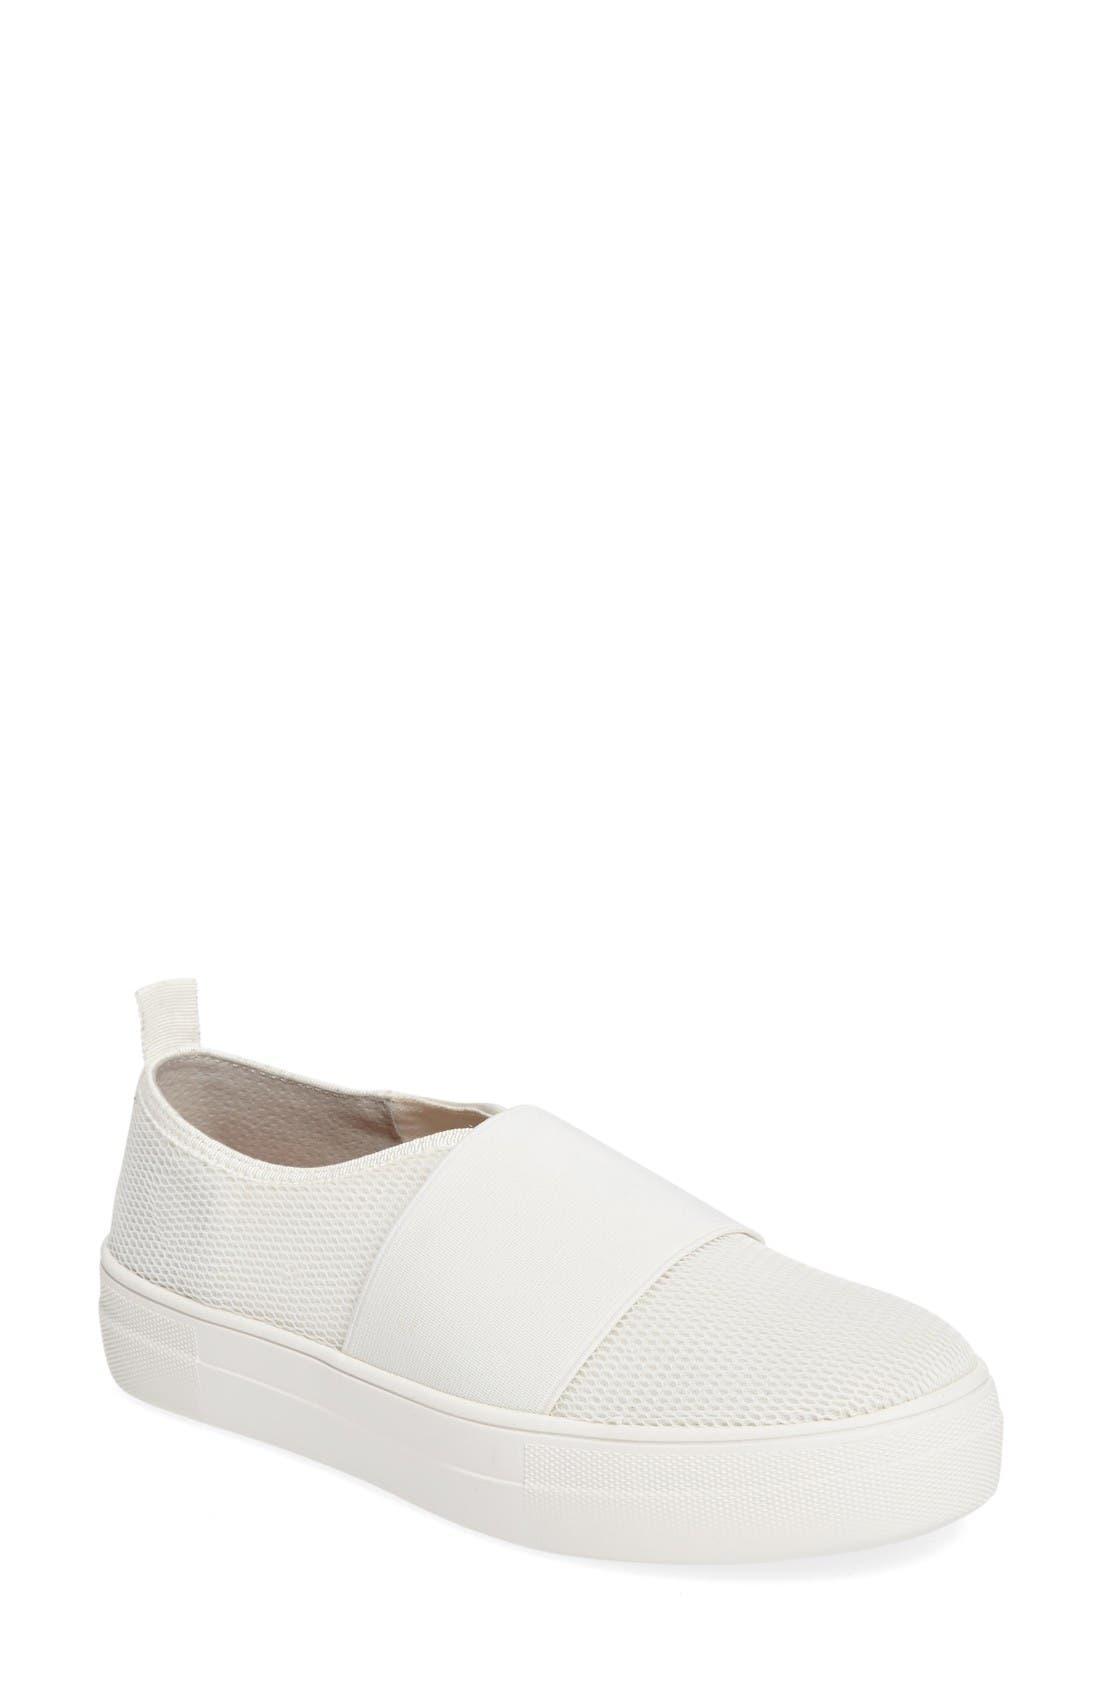 Glenn Slip-On Platform Sneaker,                             Main thumbnail 1, color,                             White